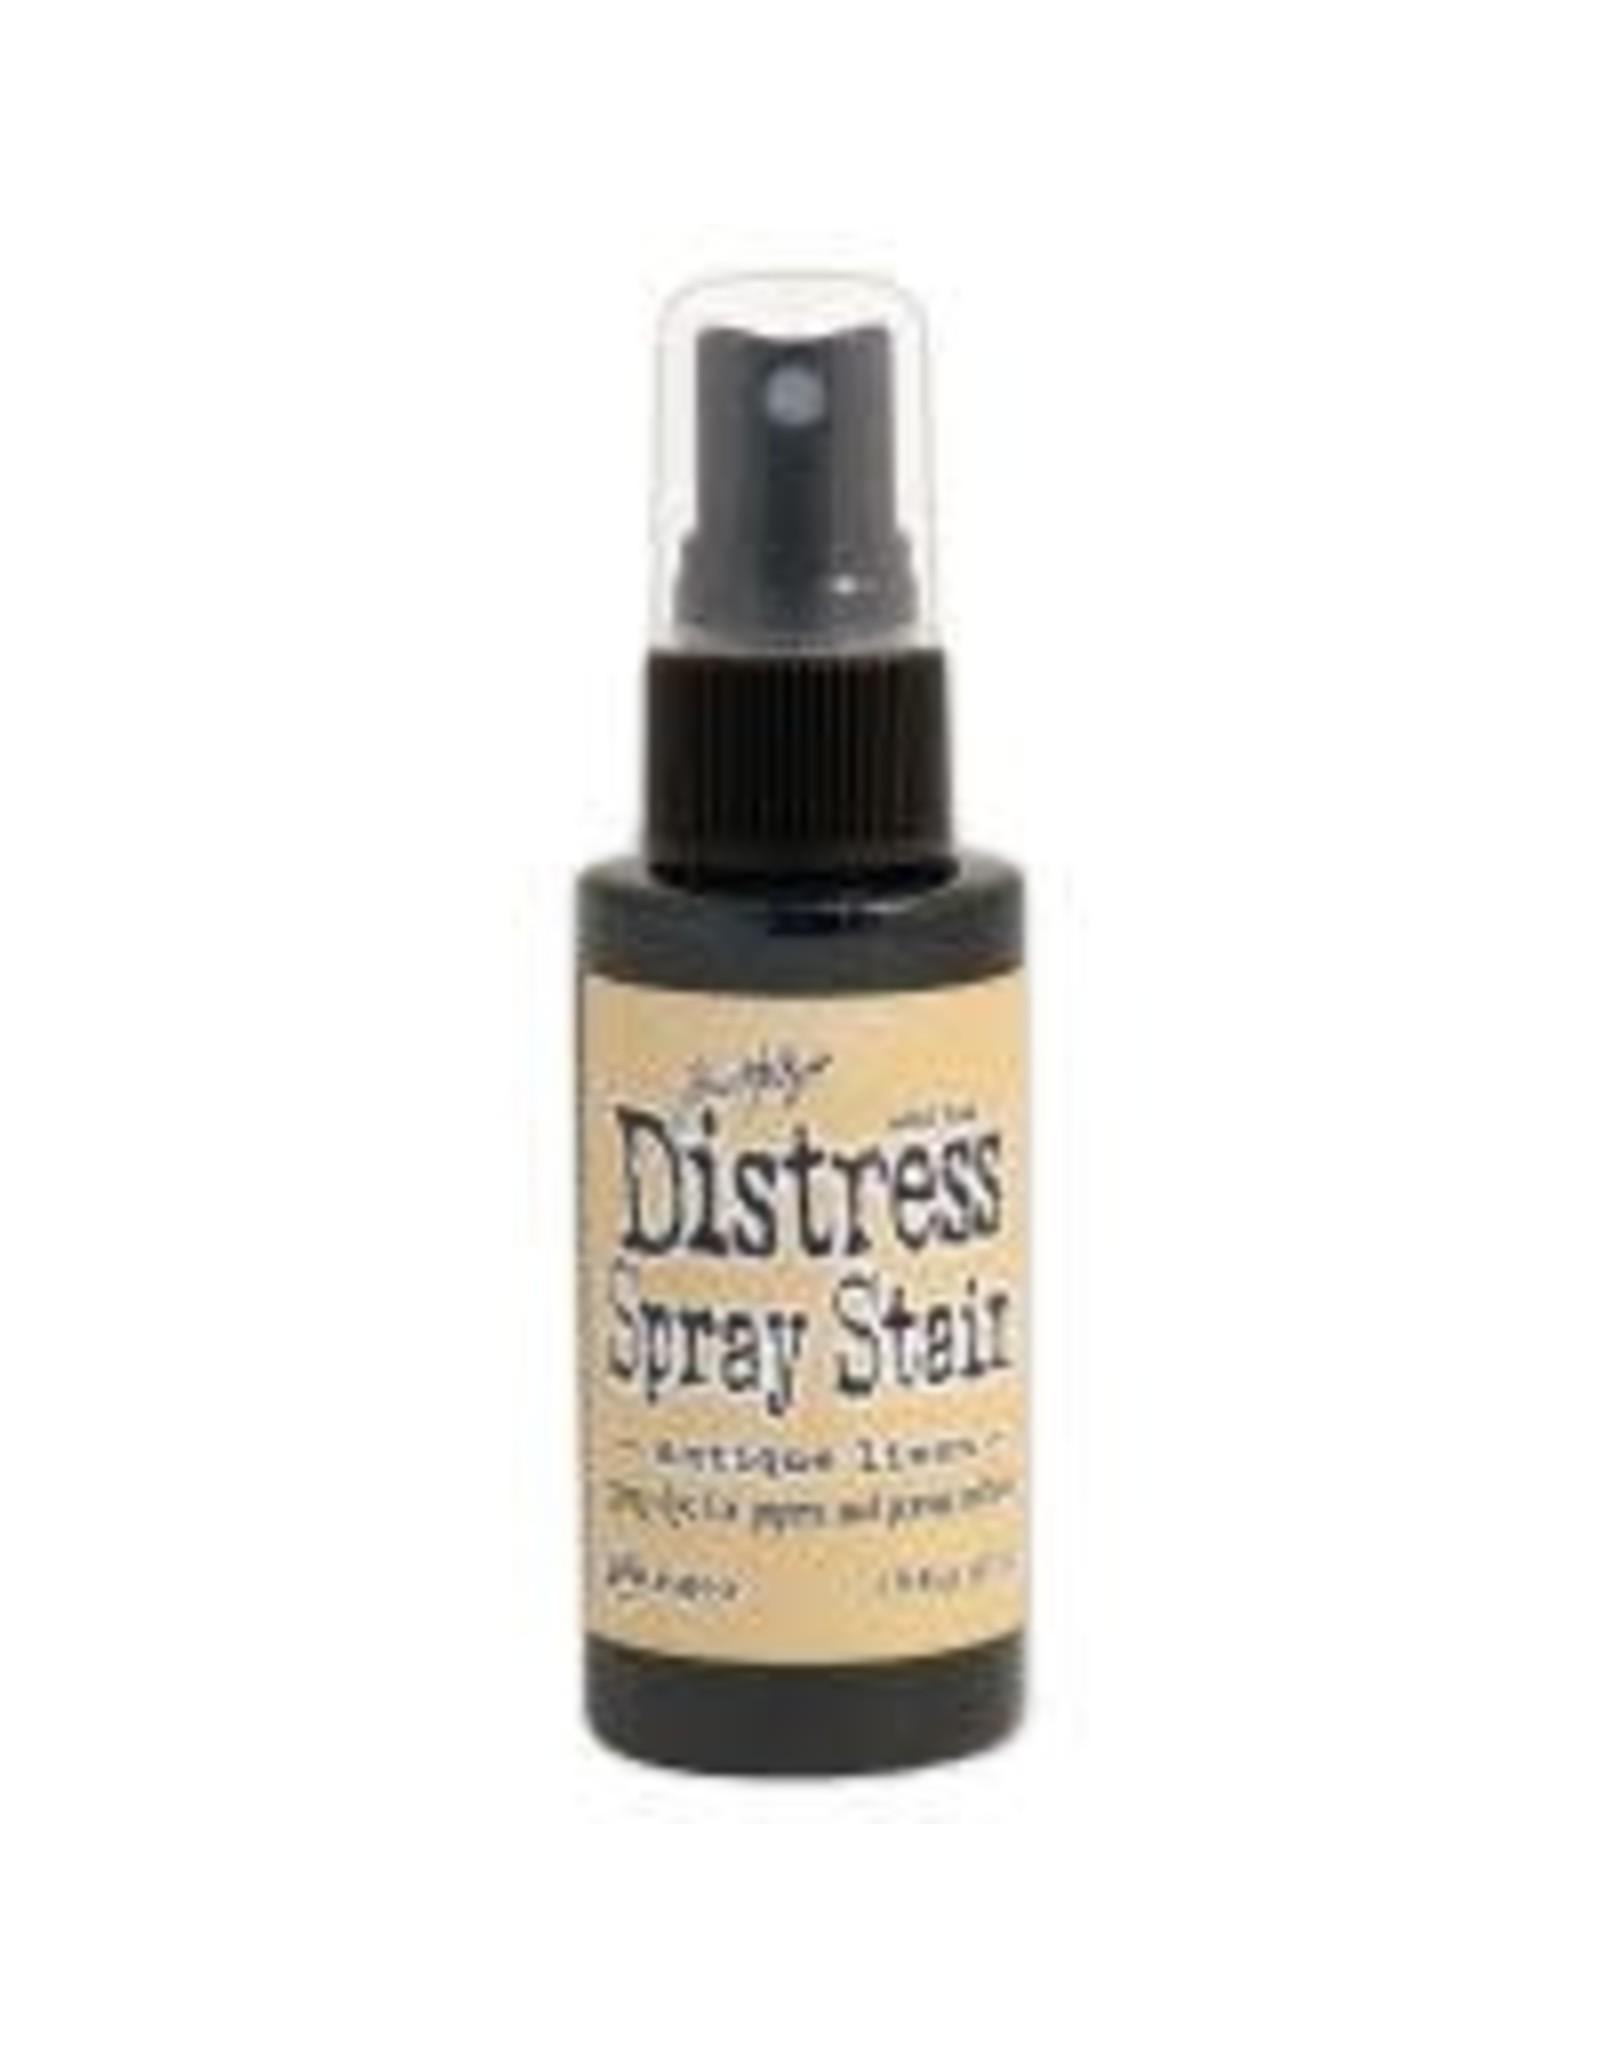 Ranger Distress Spray Stain - Antique Linen